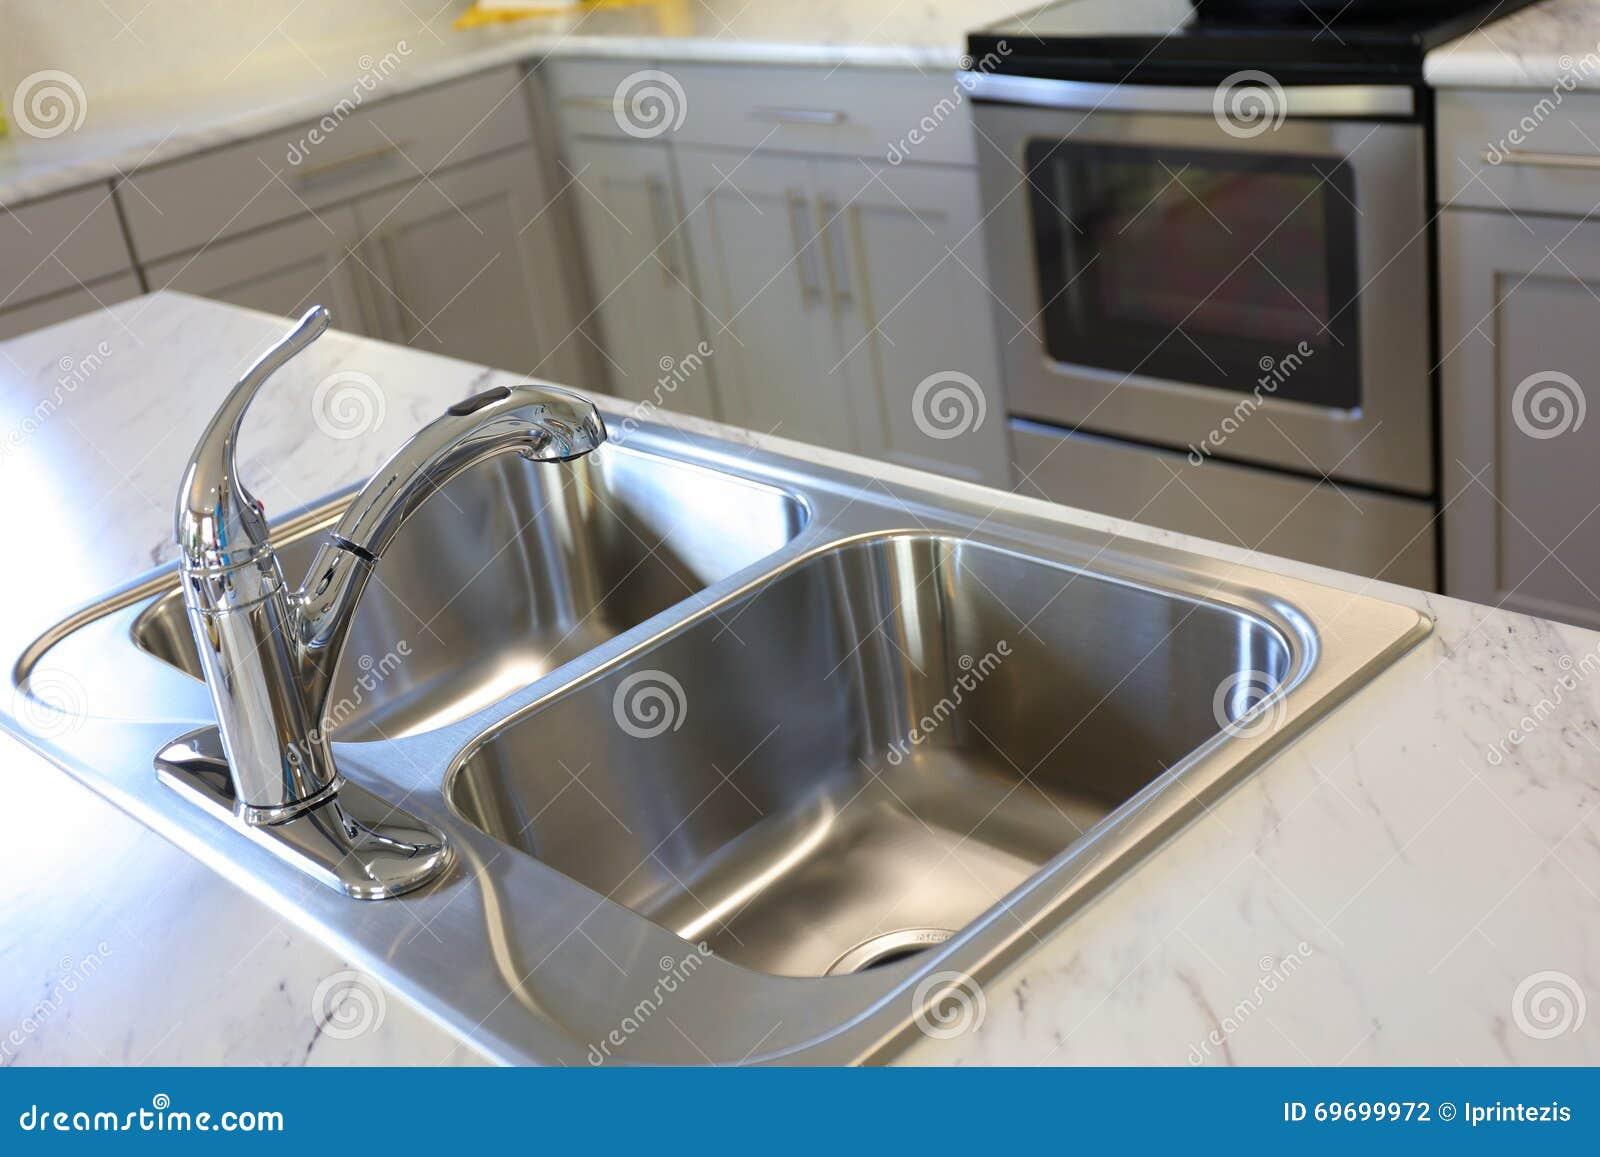 Modern vask för kök arkivfoto   bild: 69699972